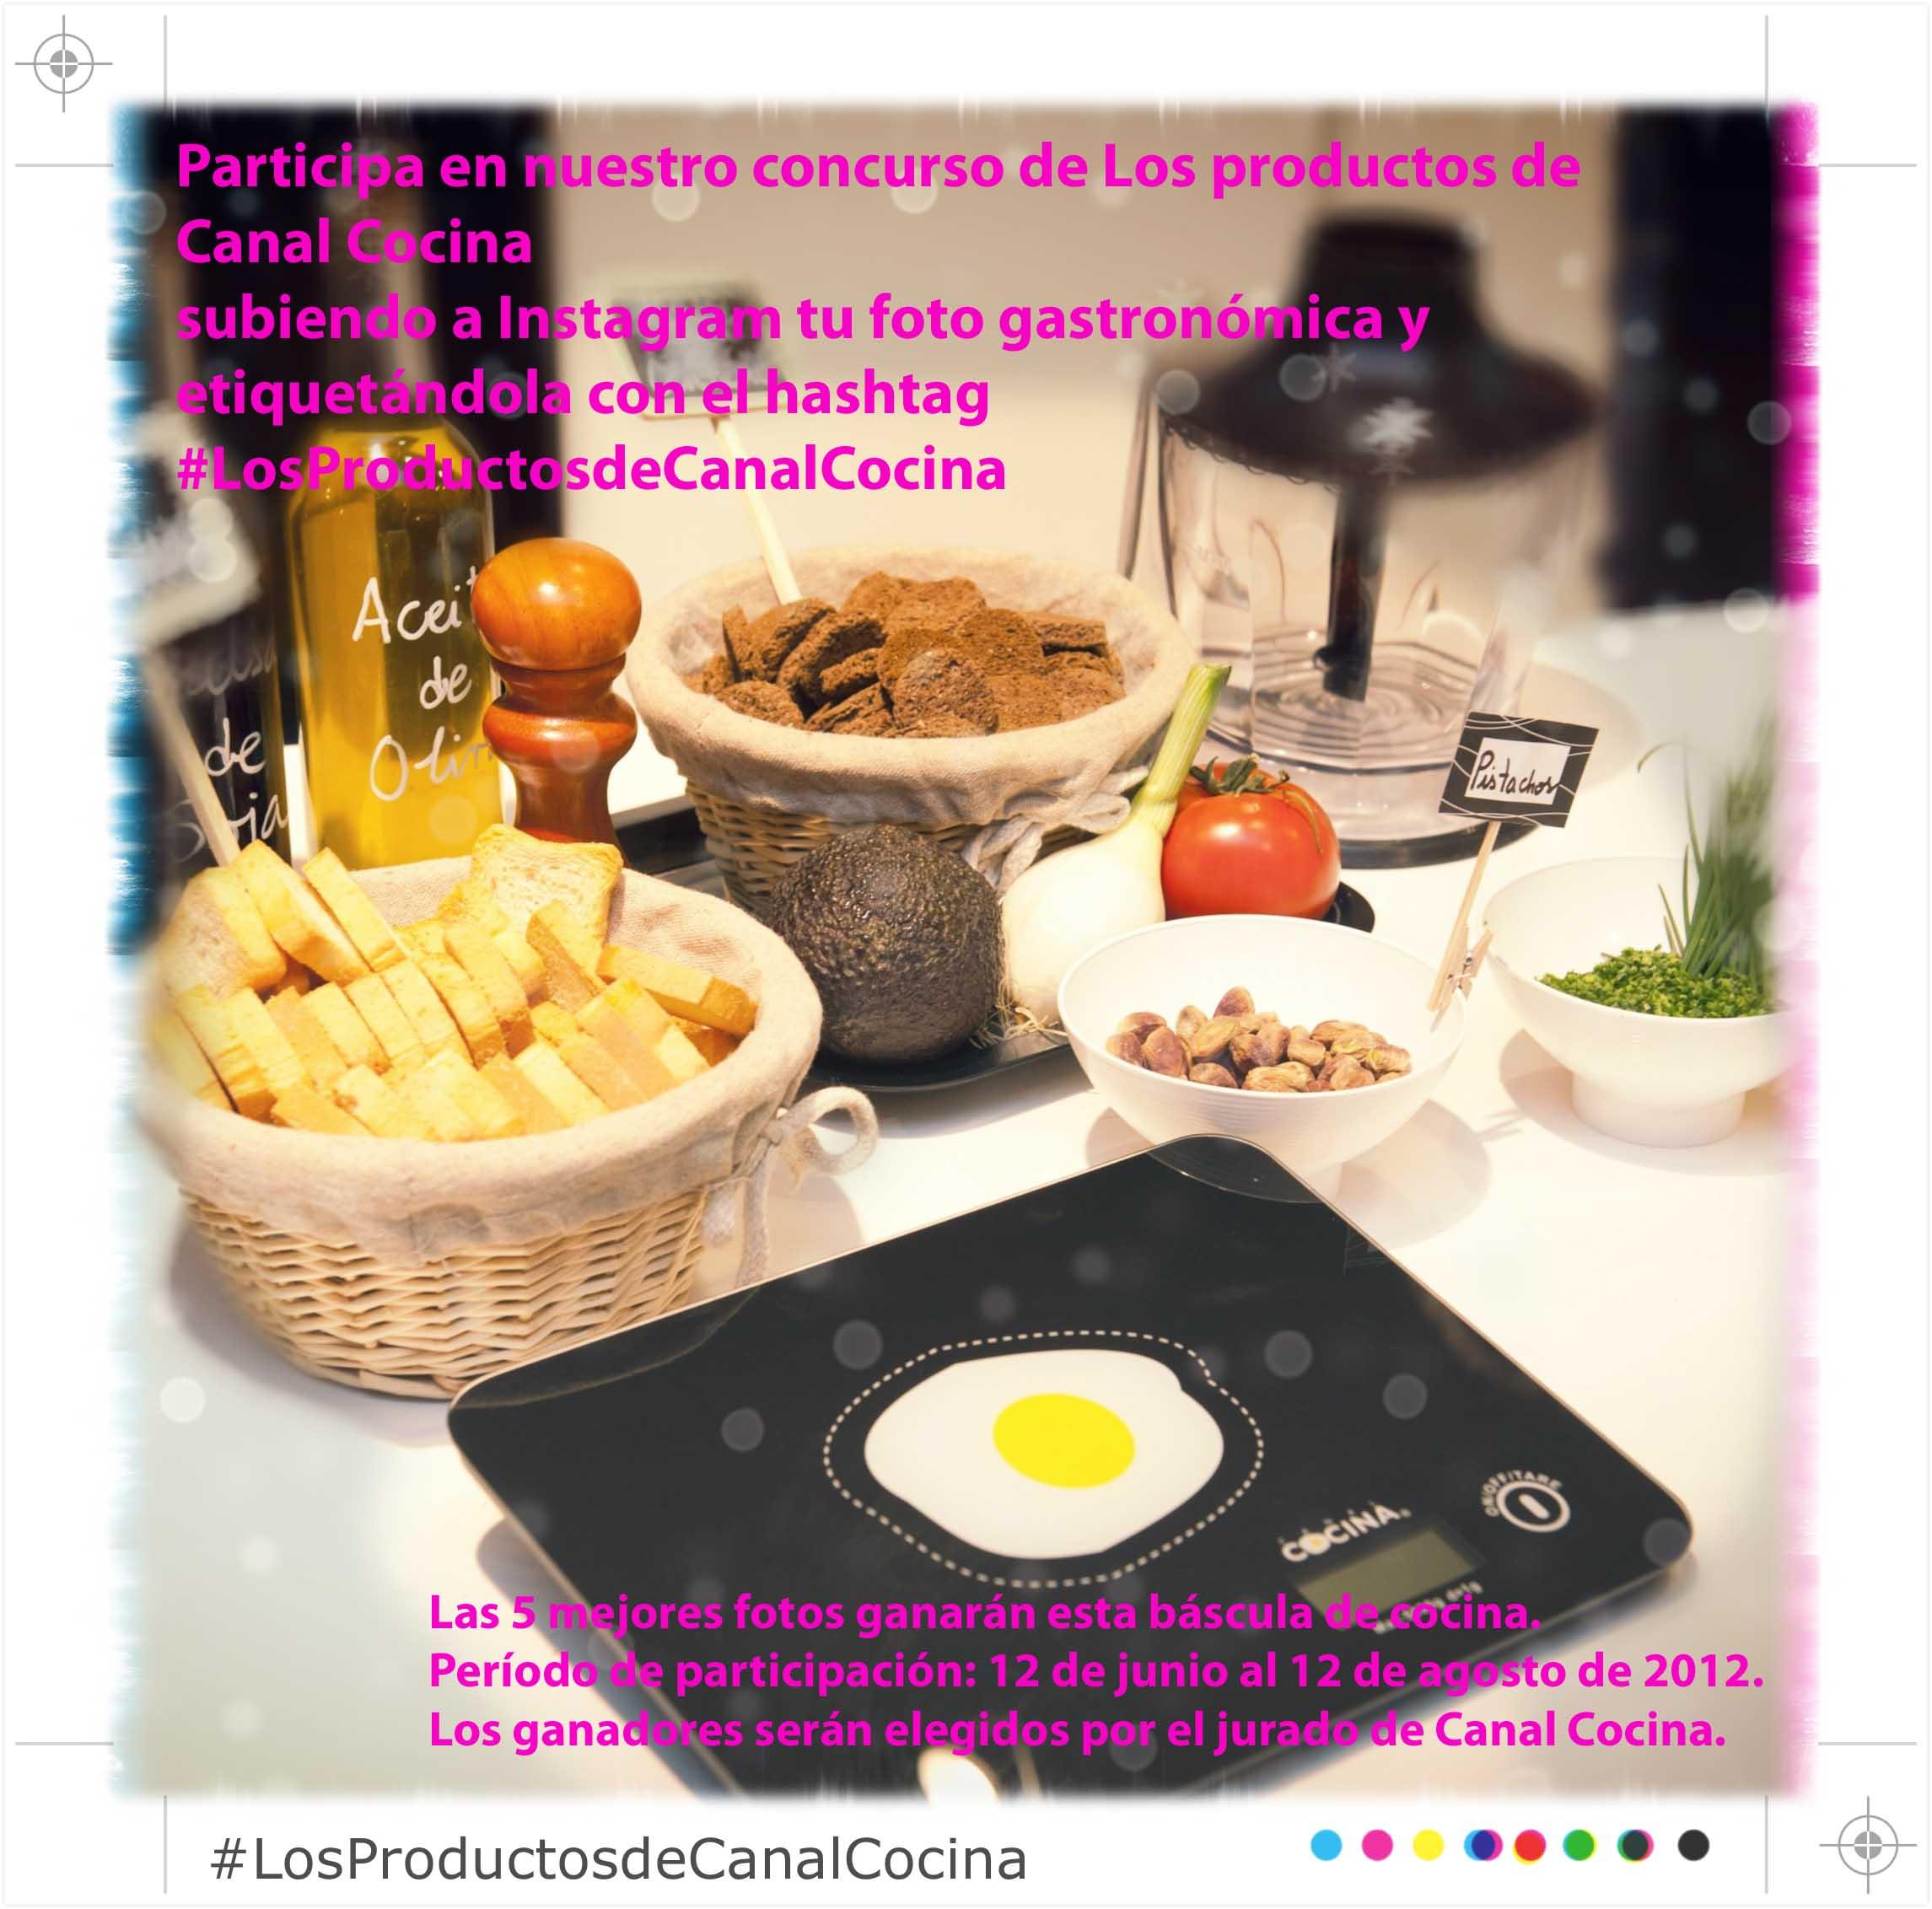 Nuevo concurso de canal cocina en instagram - Canal de cocina ...